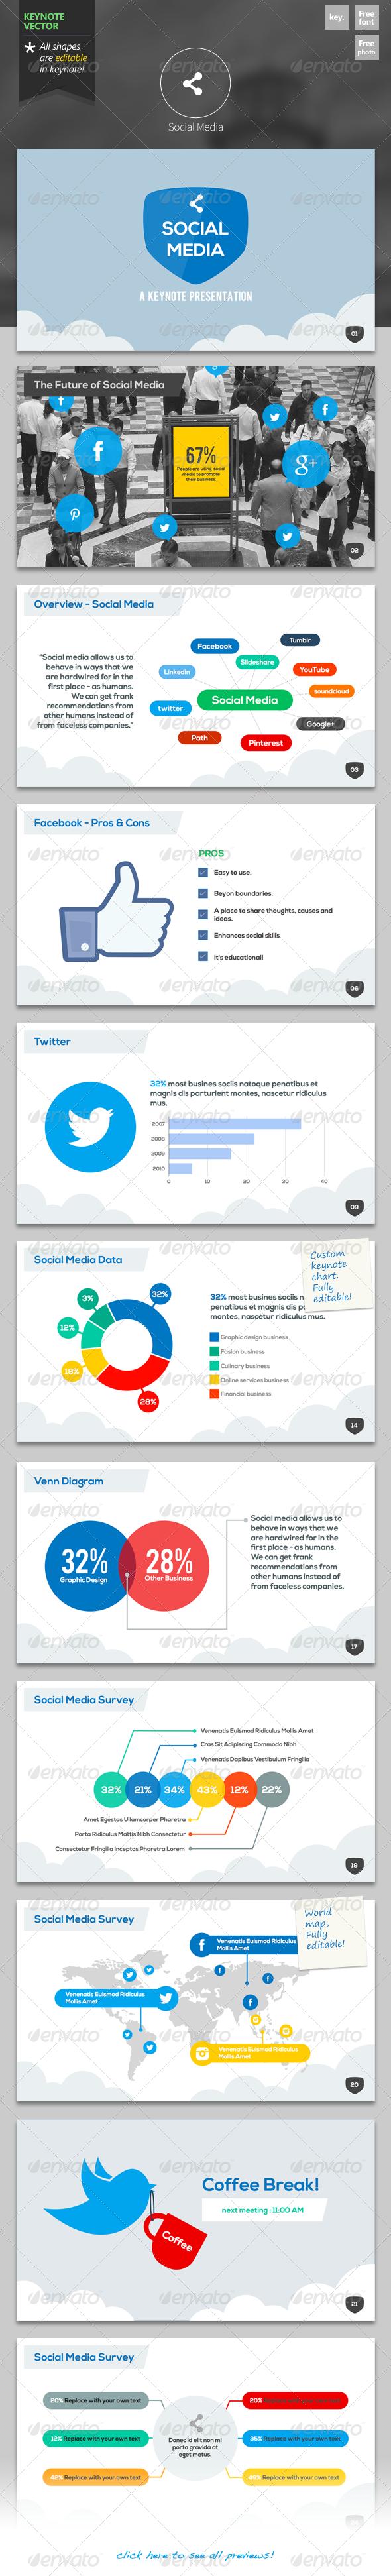 GraphicRiver Social Media Keynote Template 6235017